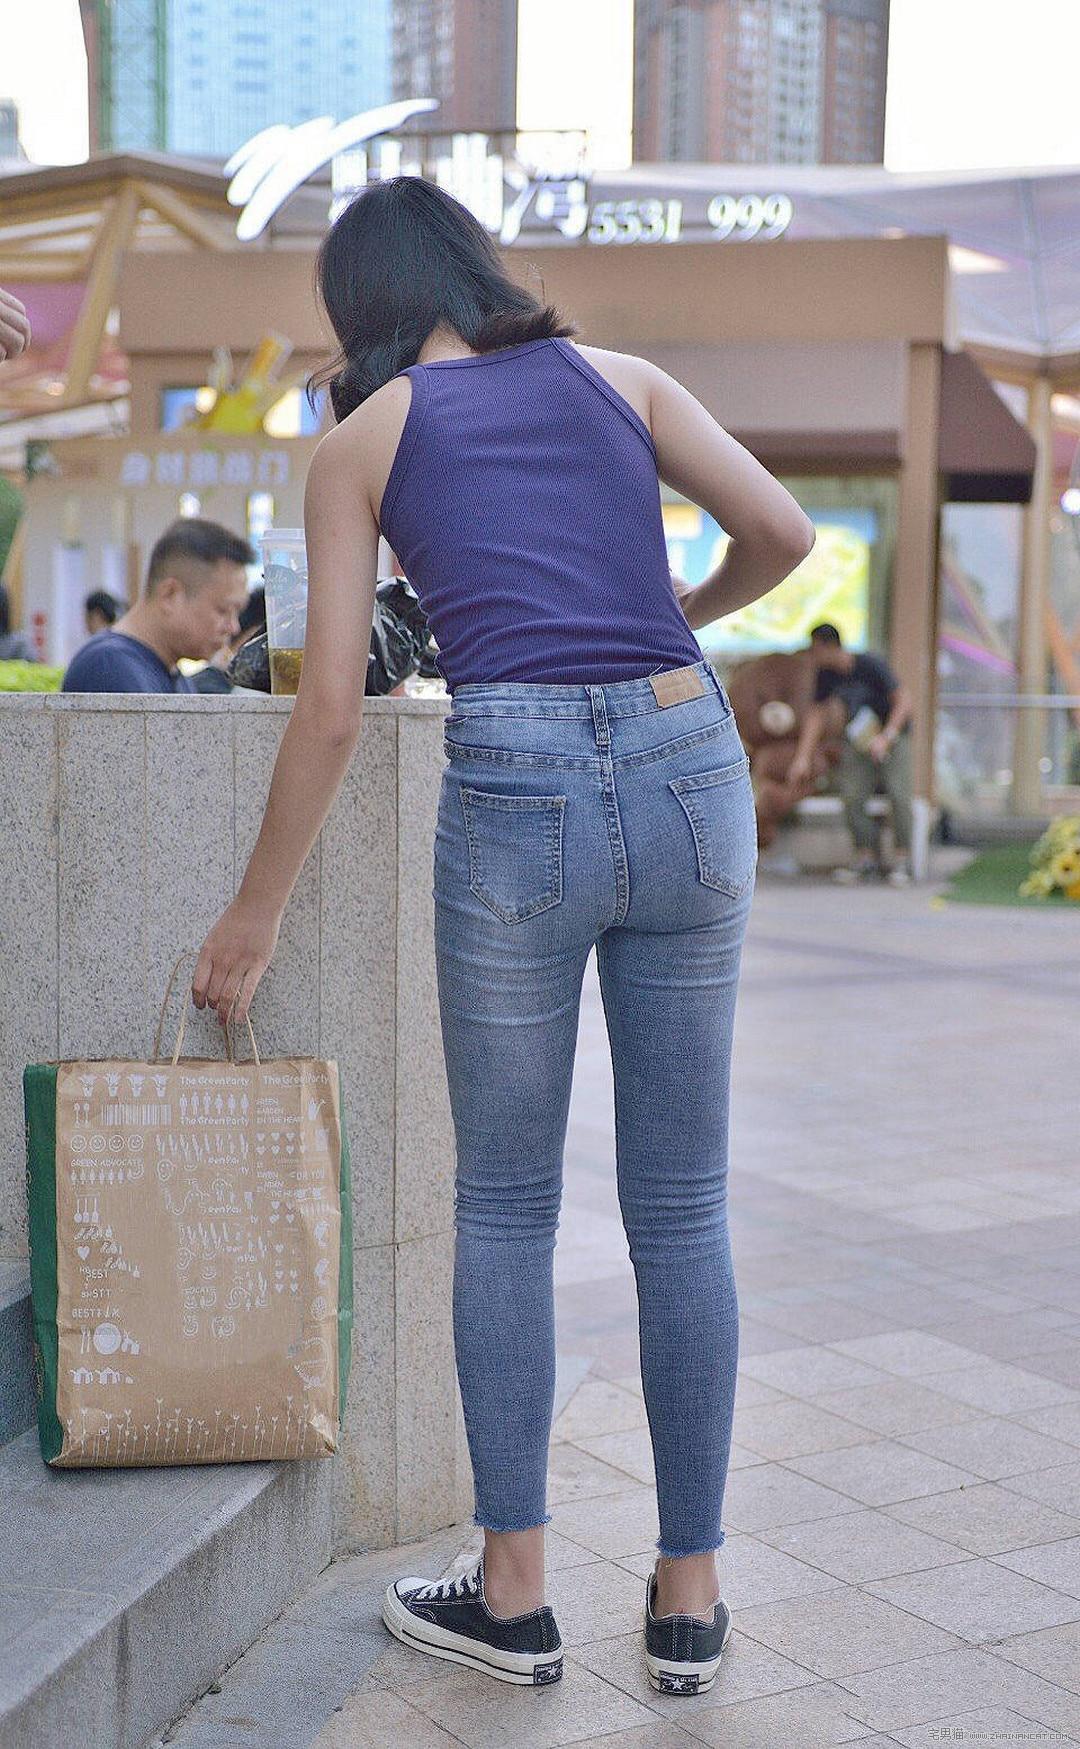 街拍:穿紧身牛仔裤的漂亮小姐姐